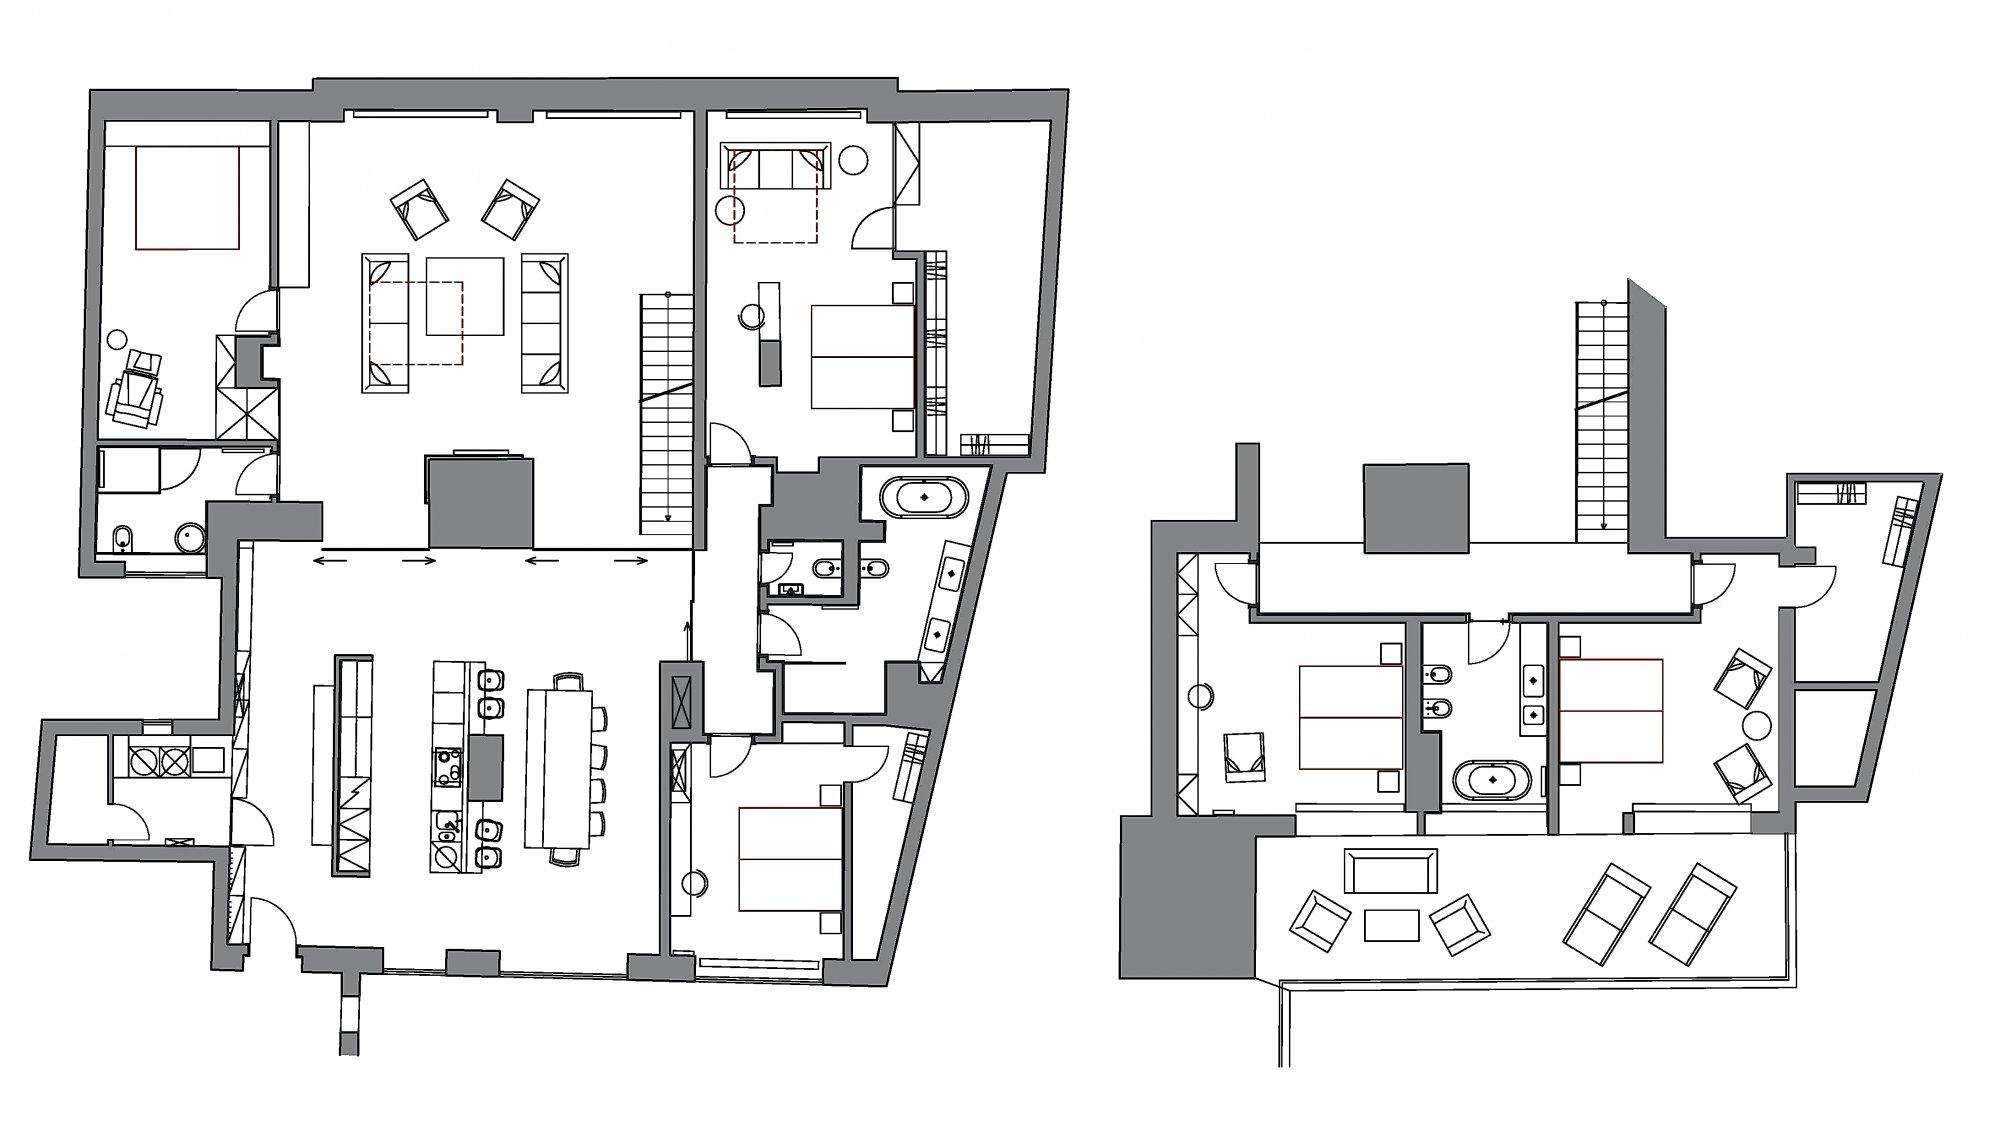 Půdorys - Půdní byt 5+kk, plocha 261 m², ulice Jindřišská, Praha 1 - Nové Město